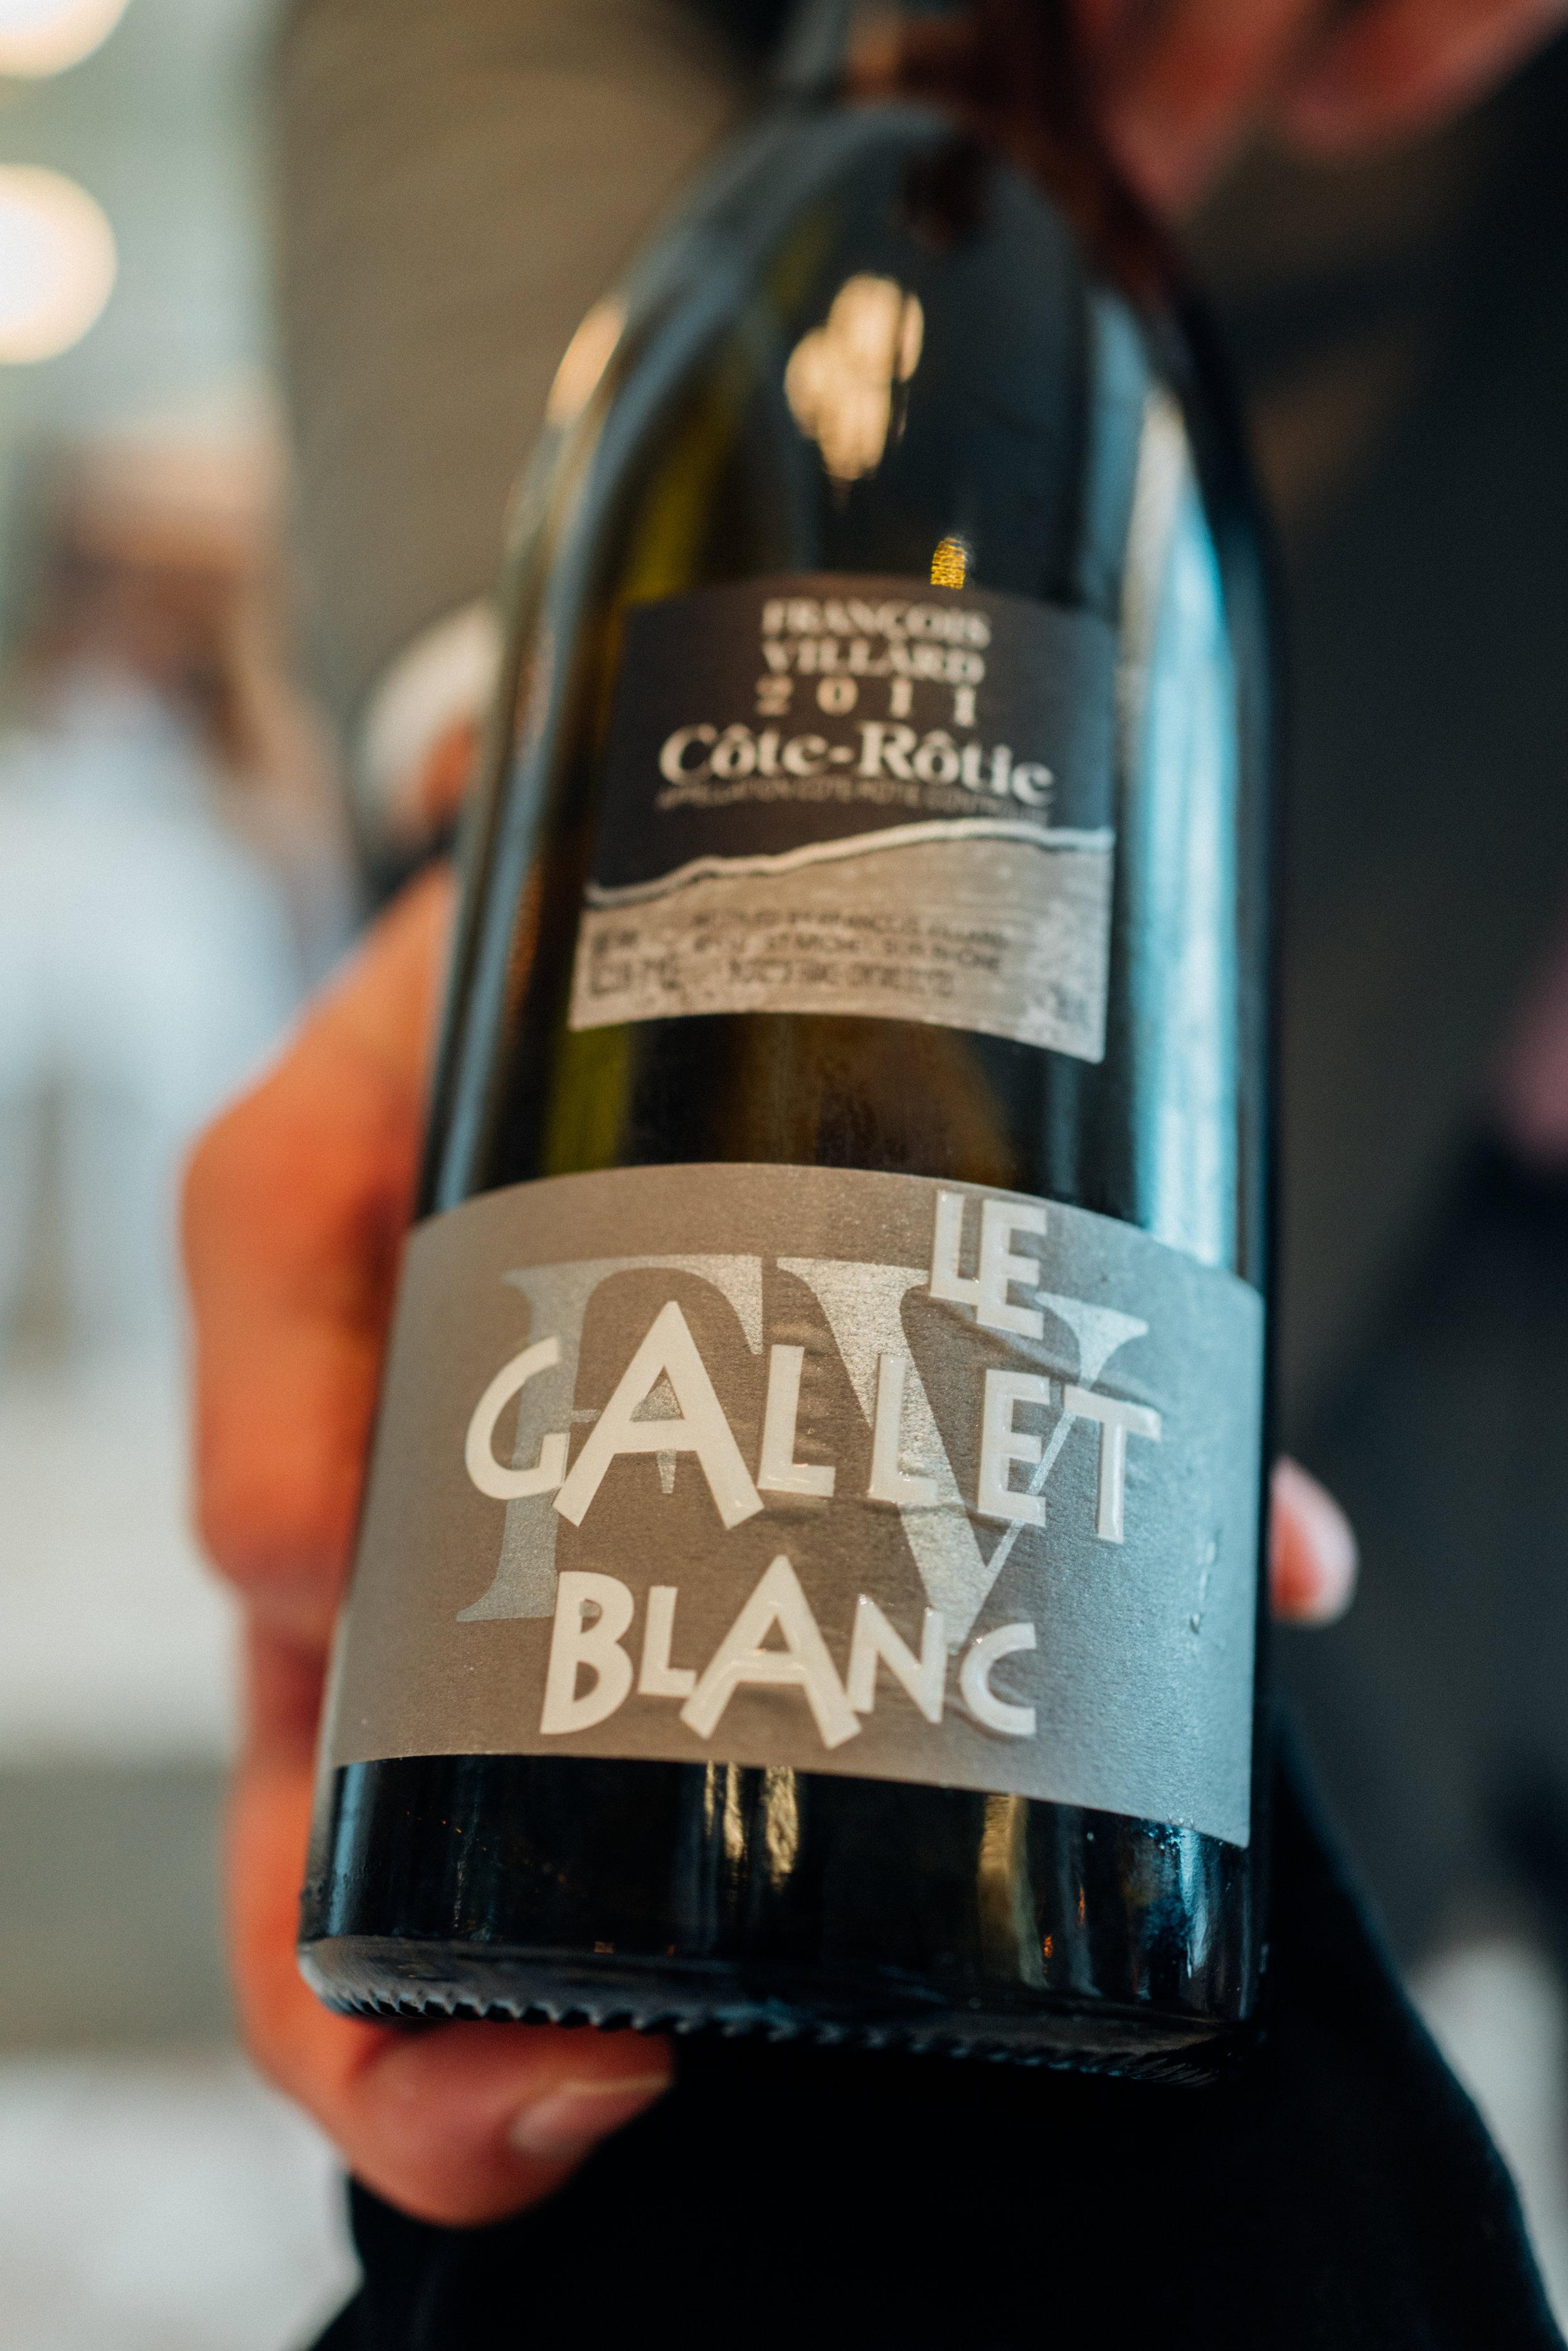 2011 François Villard Côte-Rôtie Le Gallet Blanc